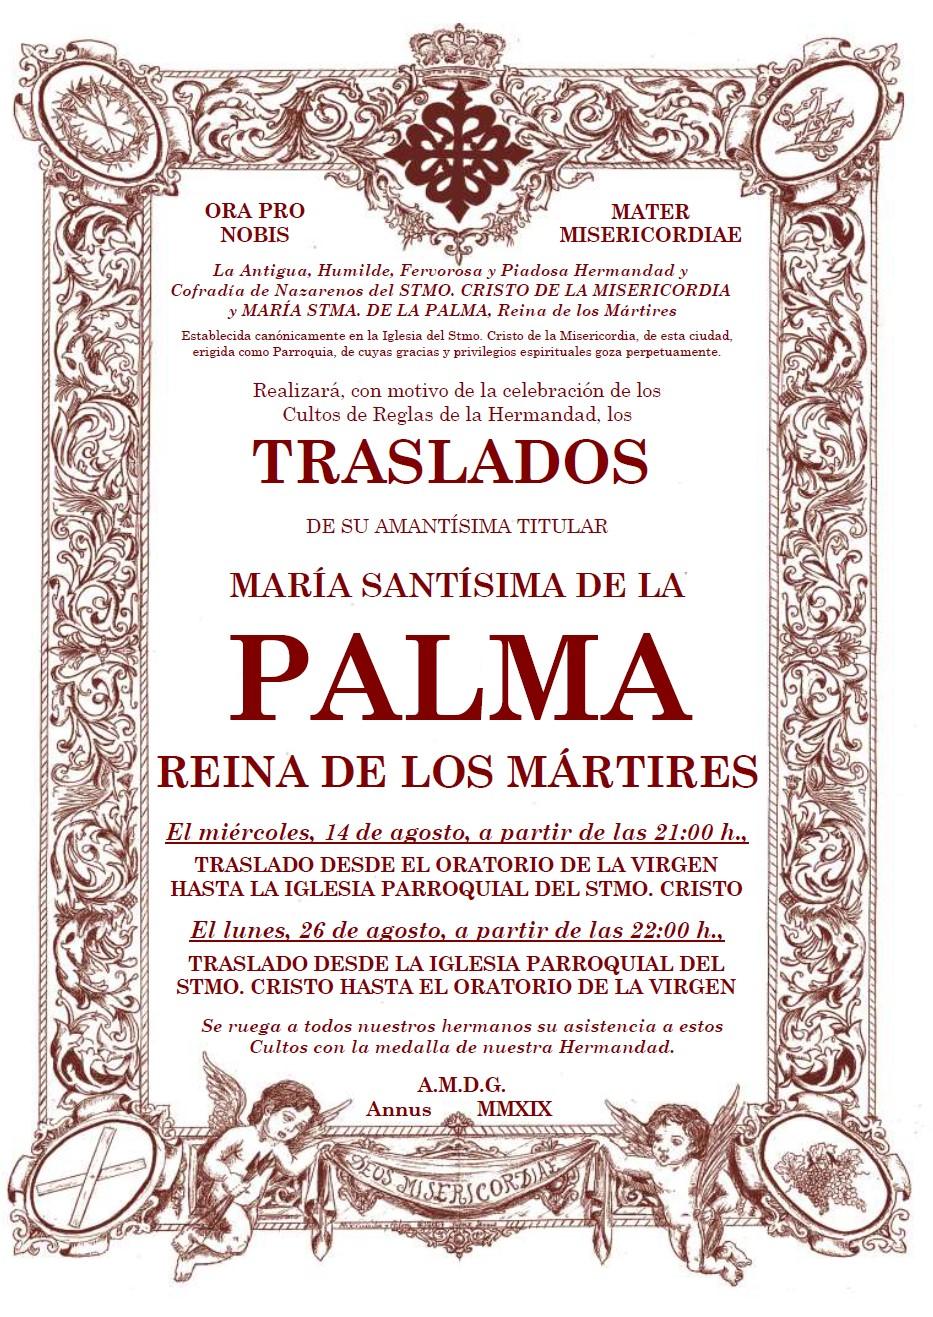 Traslado de María Stma. de la Palma, Reina de los Mártires, para los Cultos de Reglas de la Hermandad. Miércoles, 14 de agosto, 21:00 h.